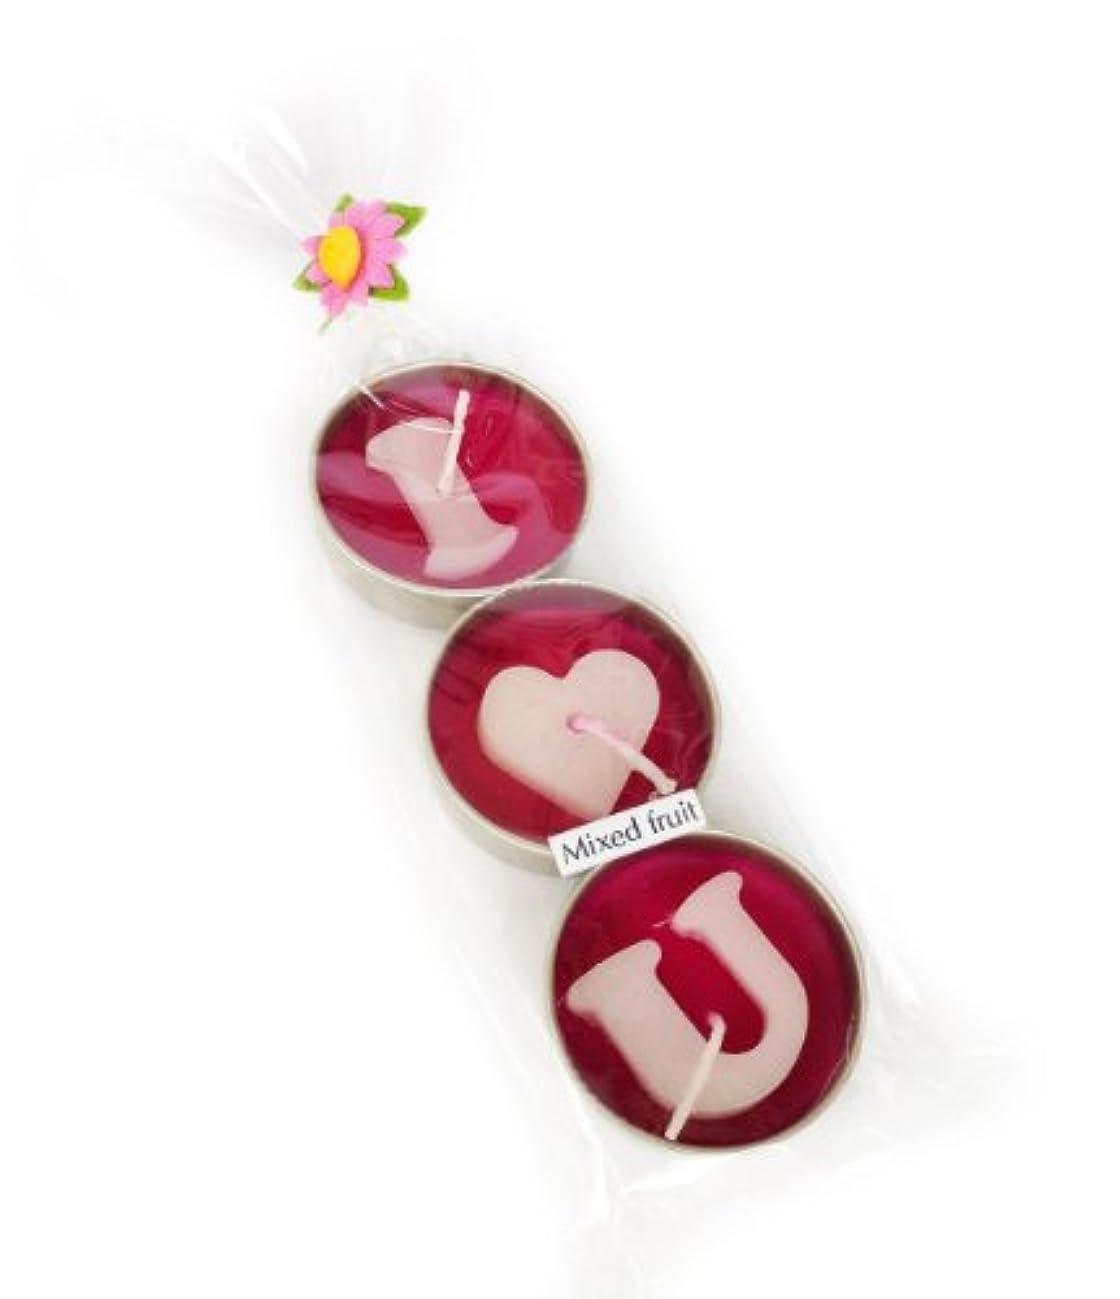 嫌がるふりをする食べるアロマキャンドル/ラブキャンドル/ILoveU/モーク/ロウソク/ろうそ/1パック3個入り/(1Pack  3pc I love U Candle) (Mixed Fruit)